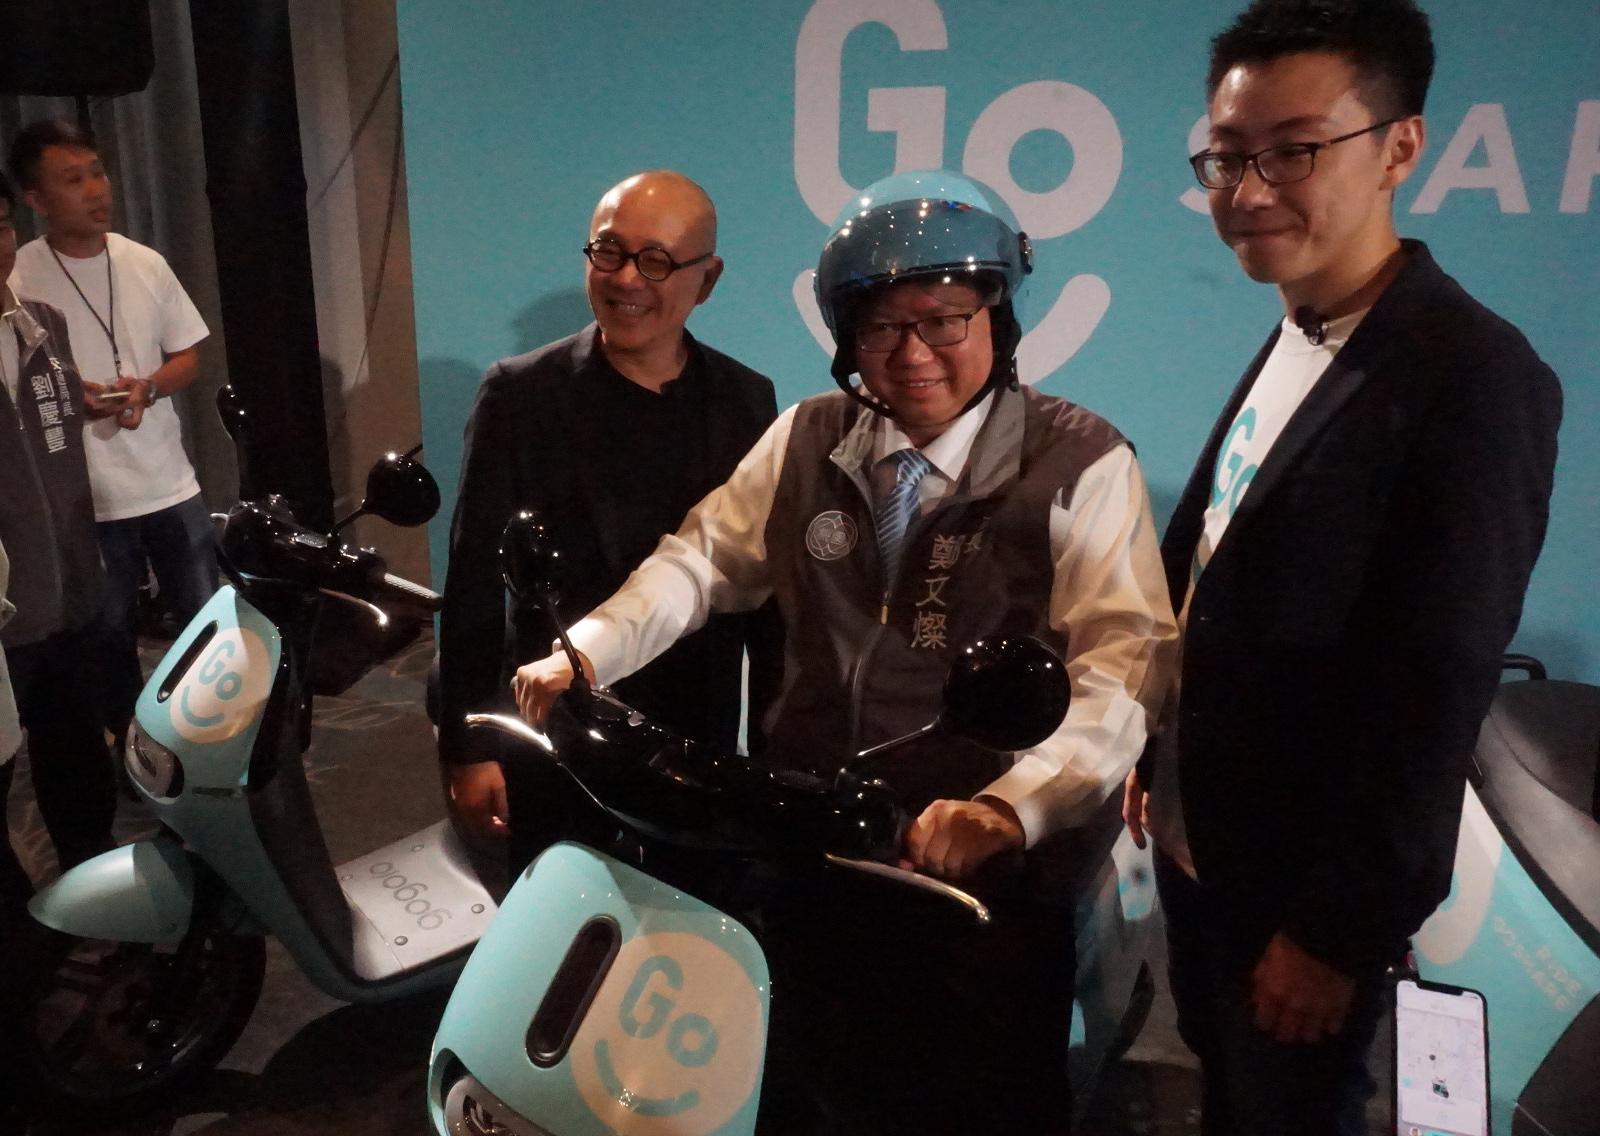 Gogoro 發布智慧體驗共享服務 Go Share,提供即戶的騎乘體驗